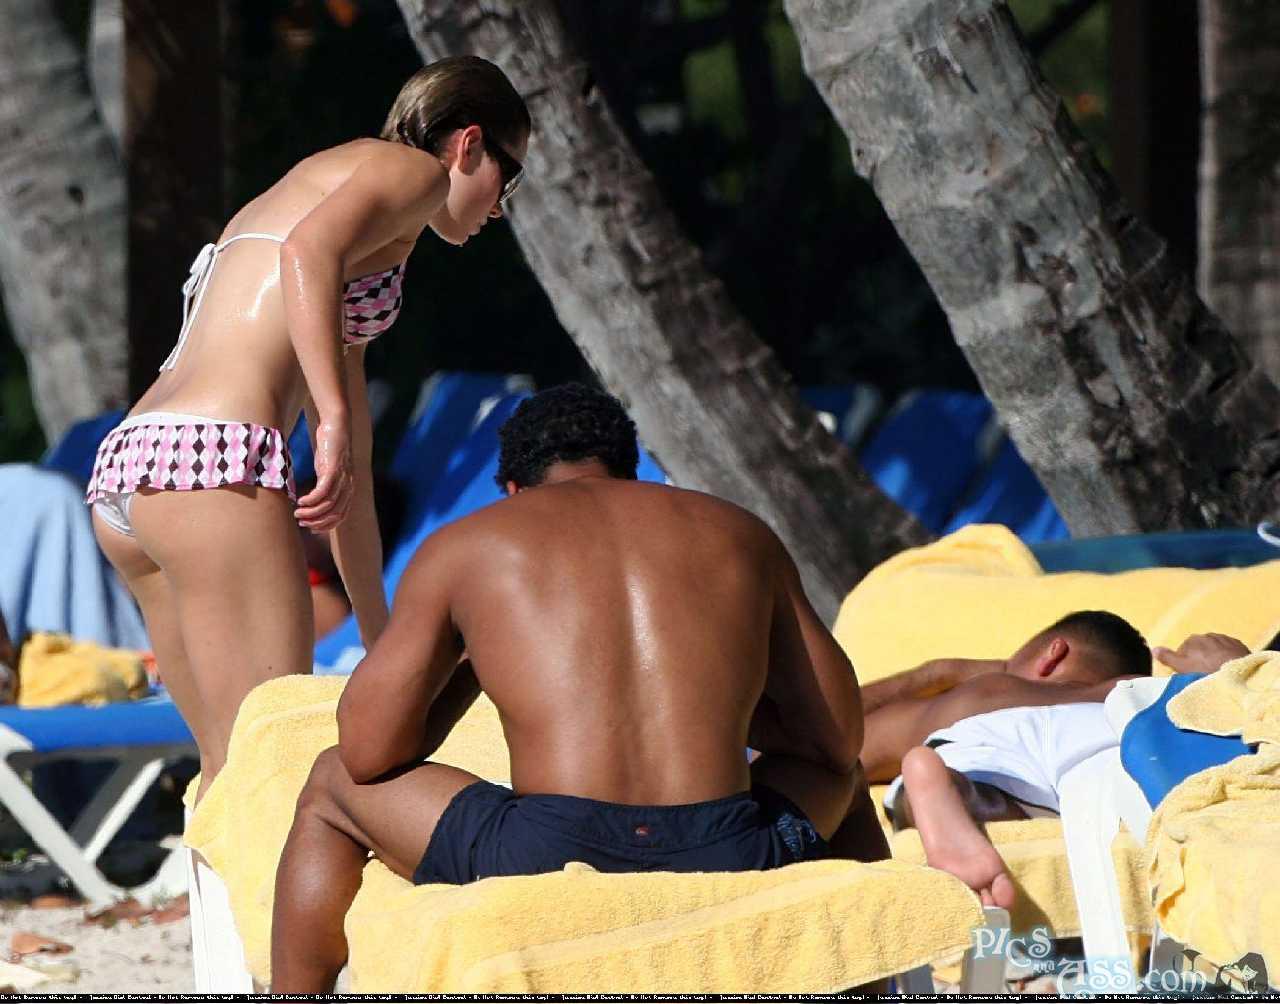 http://4.bp.blogspot.com/-6ENHjZClFys/TraNJ3FVBlI/AAAAAAAAiB0/TY9xGZ9Fa5U/s1600/Jessica+Biel%25E2%2580%2599s+Hottest+Bikini+Pics+29.jpg